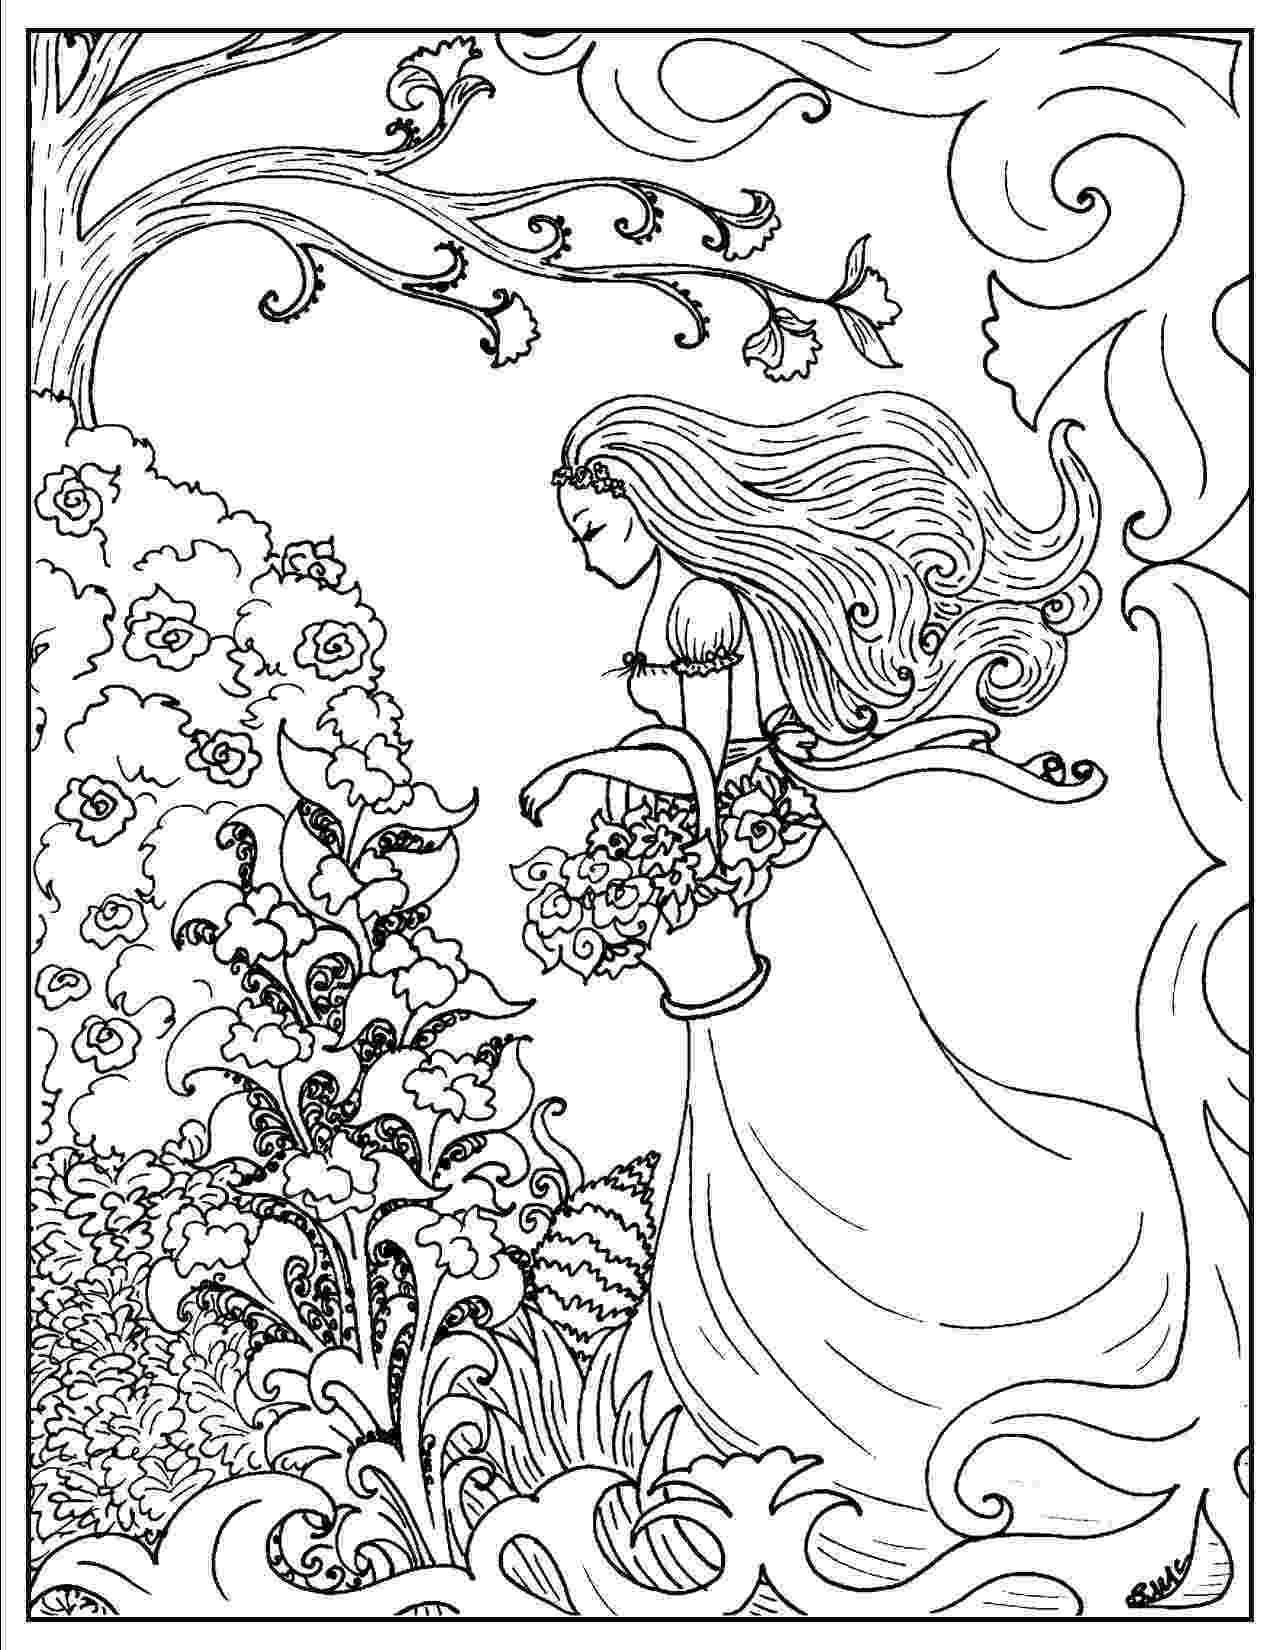 art nouveau coloring book online art nouveau coloring pages smac39s place to be online art nouveau coloring book